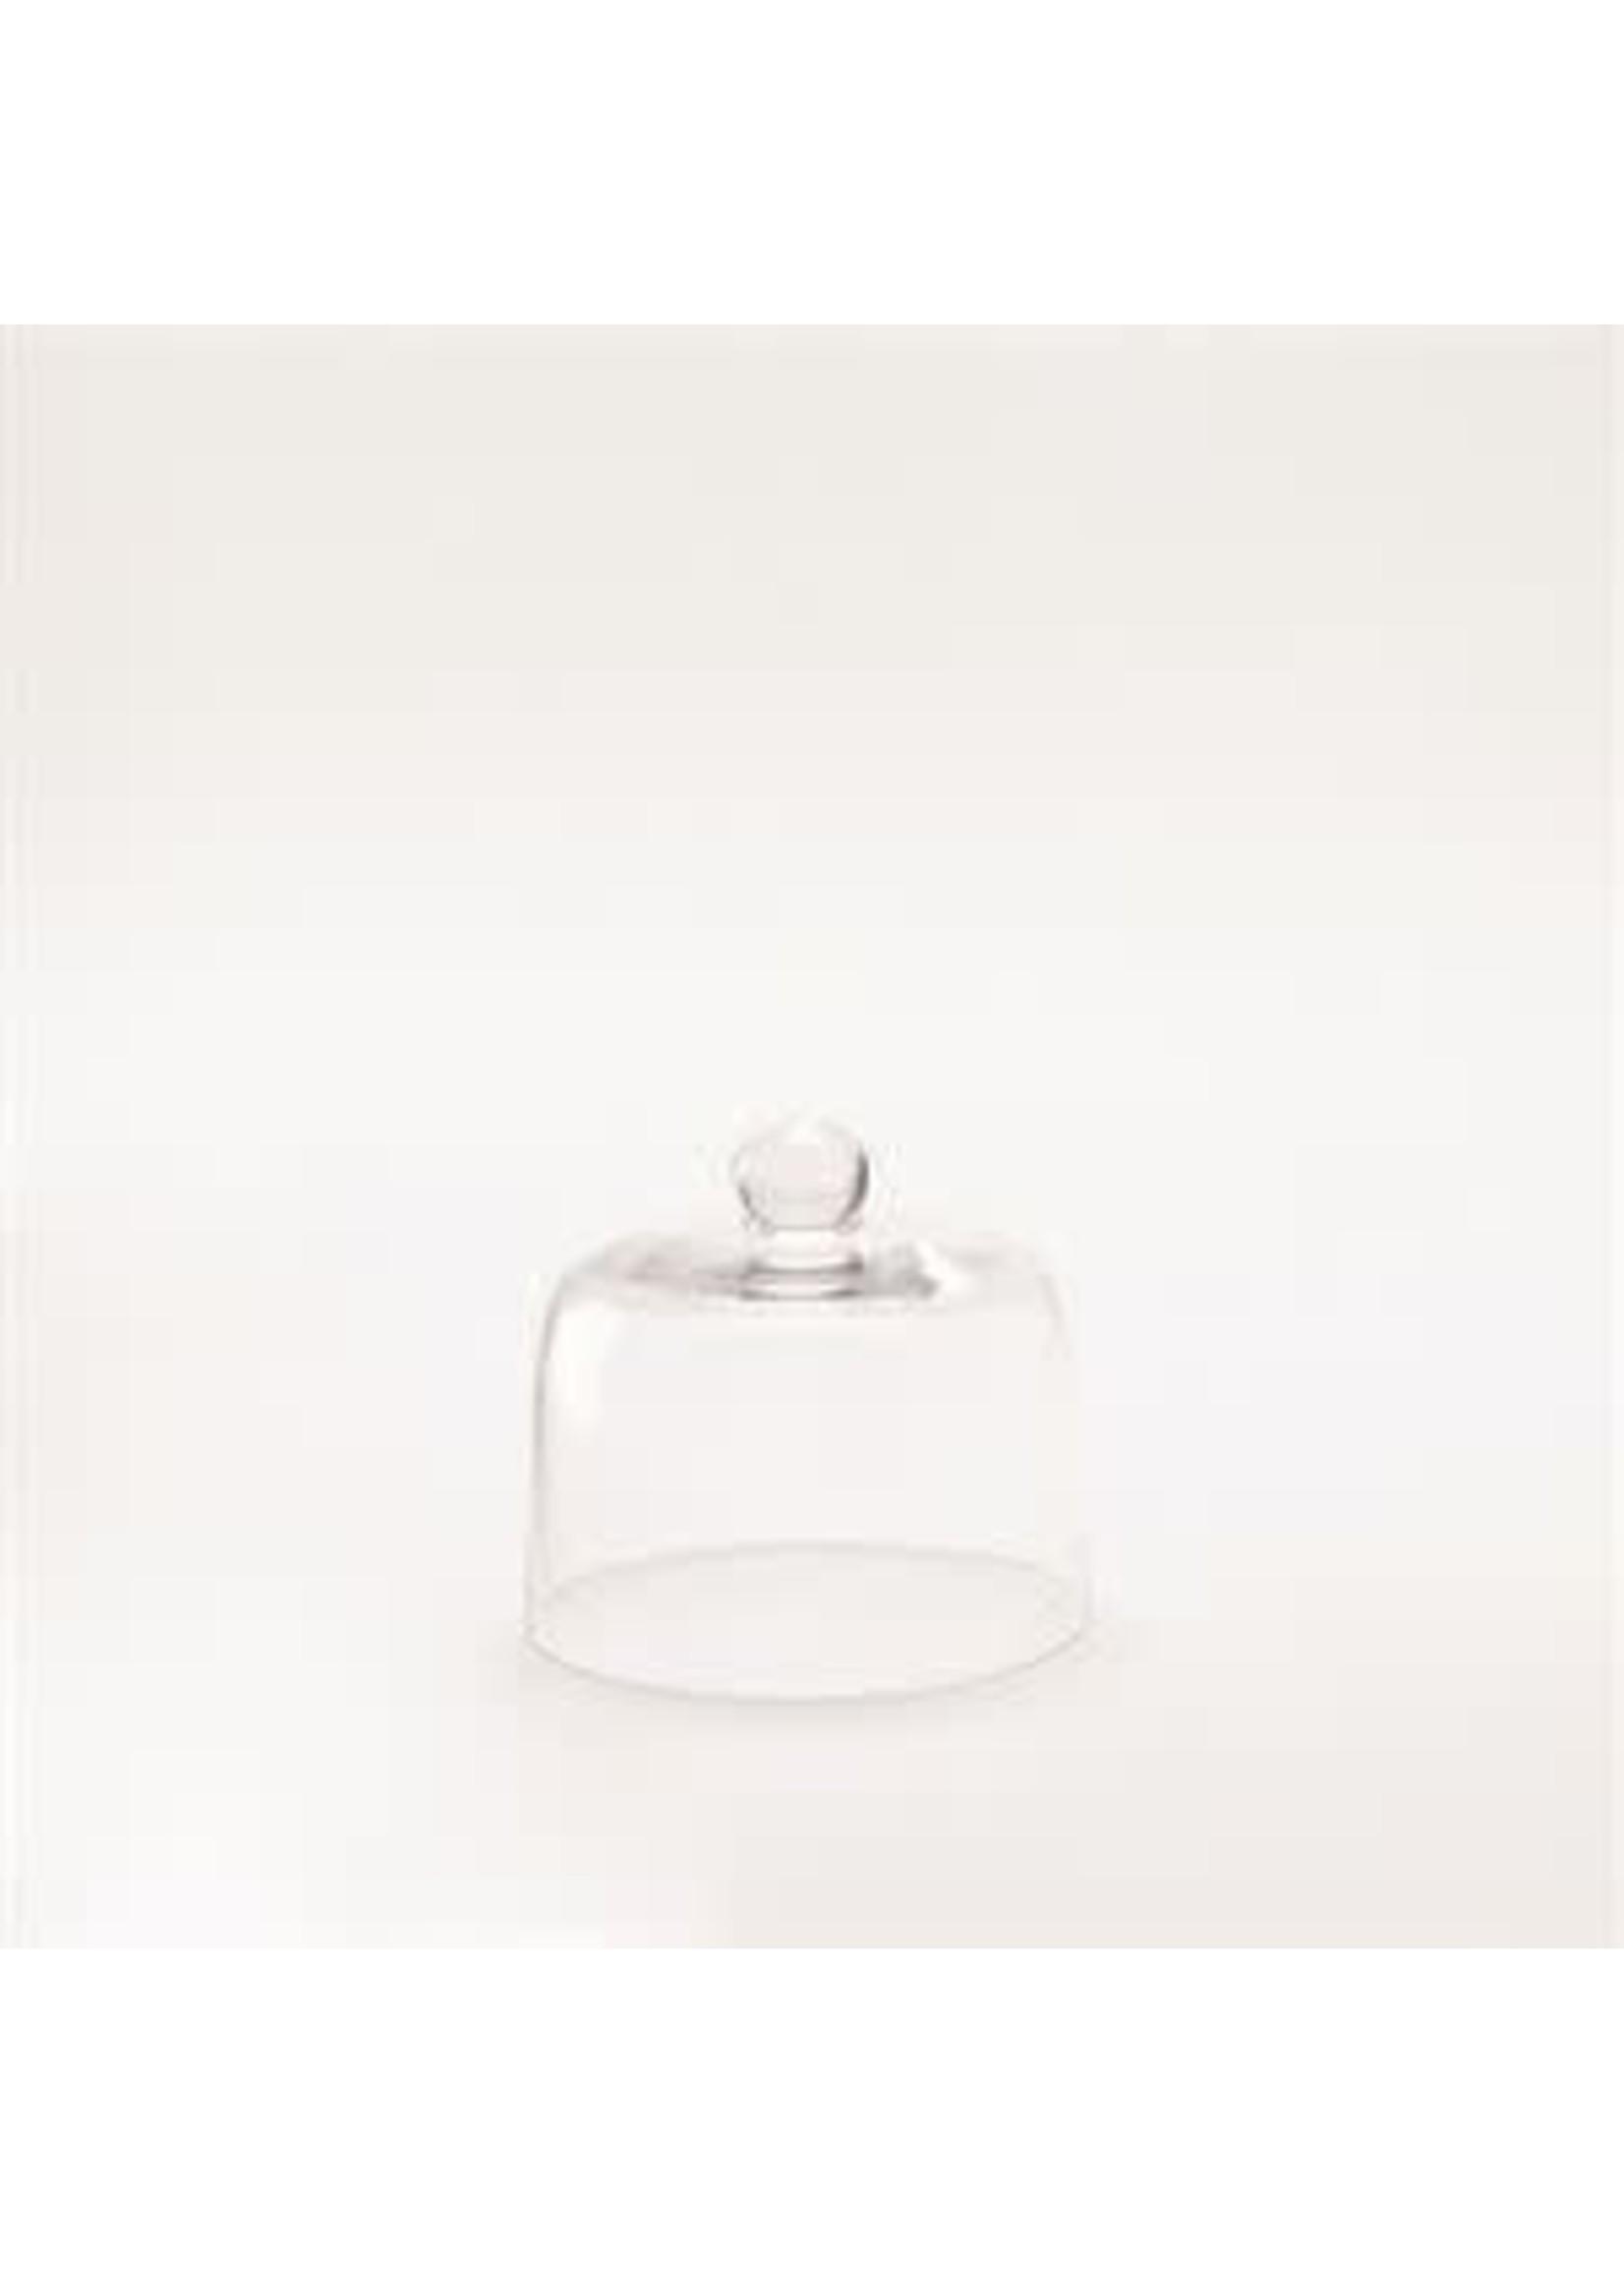 SMALL GLASS CLOCHE